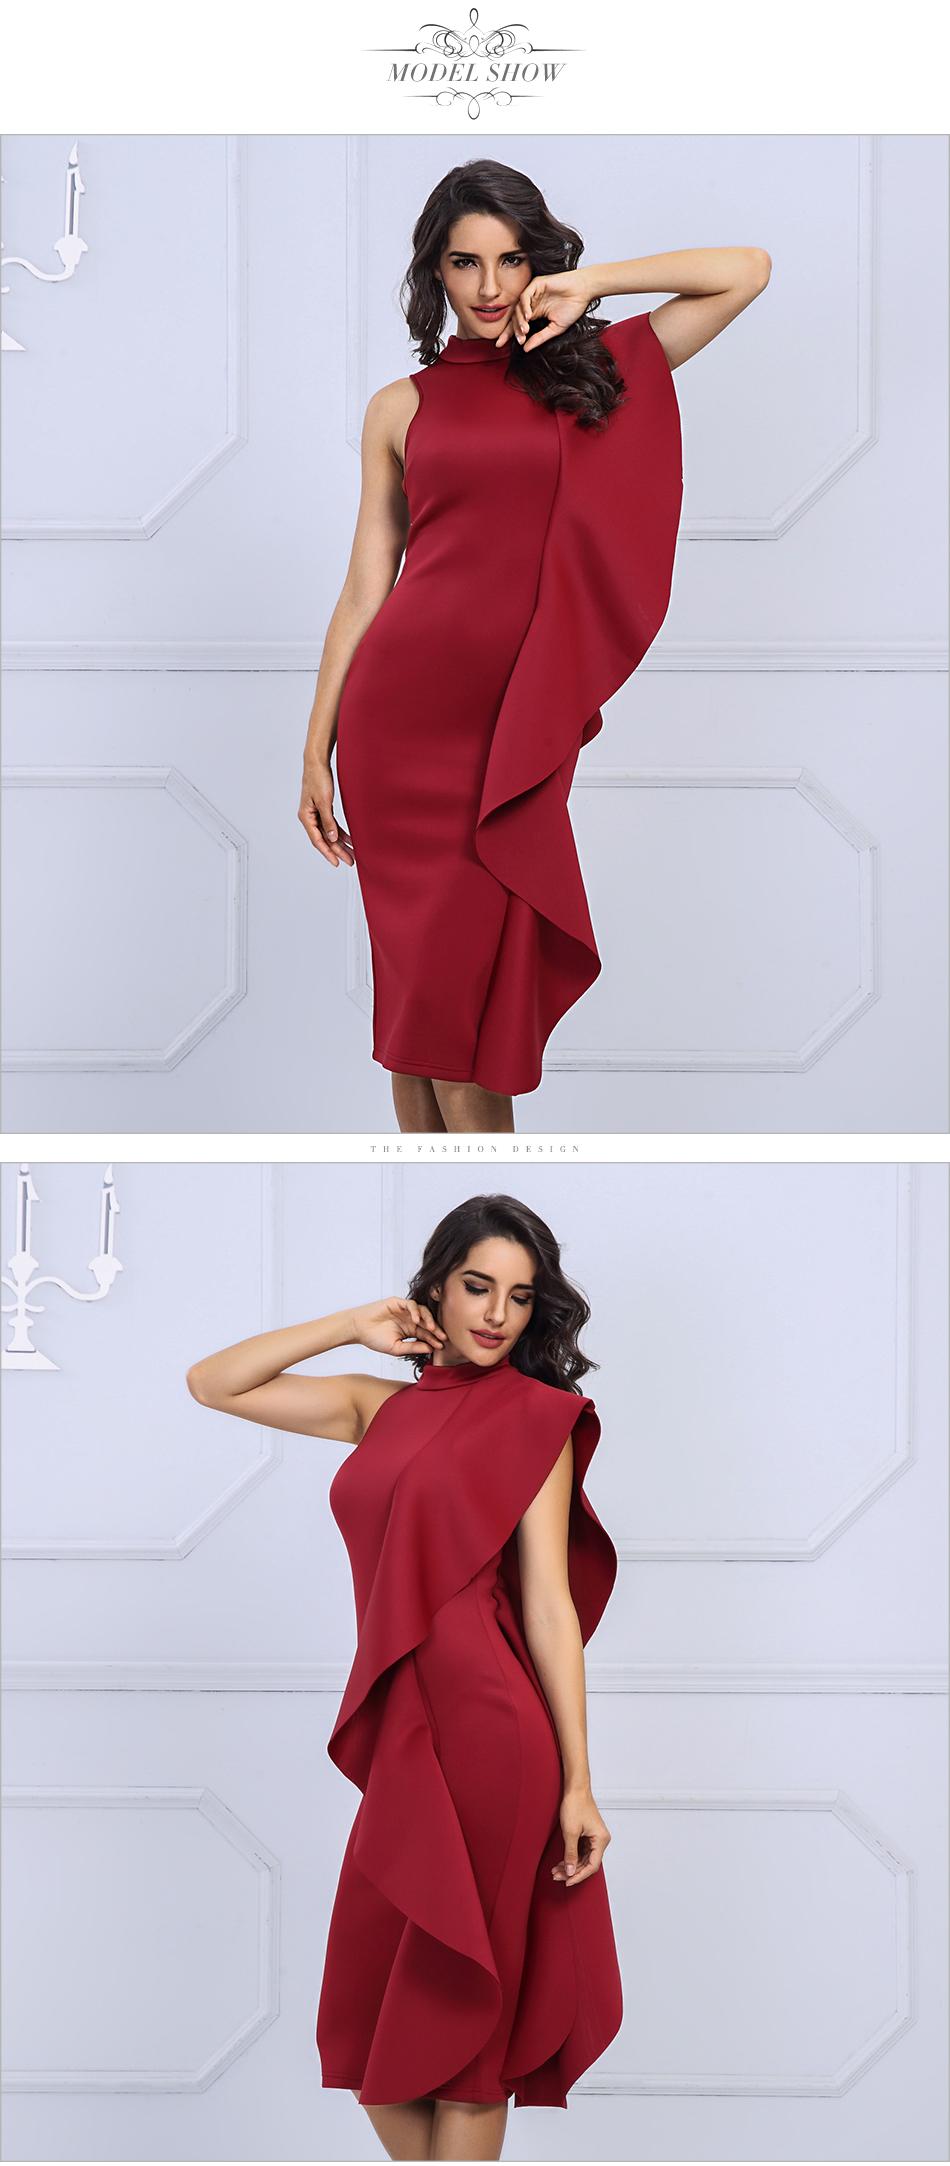 Adyce 2018 New Style Spring Dress Women Sexy White Sleeveless Patchwork Ruffles Bodycon Vestidos Celebrity Party Dress Clubwear 5